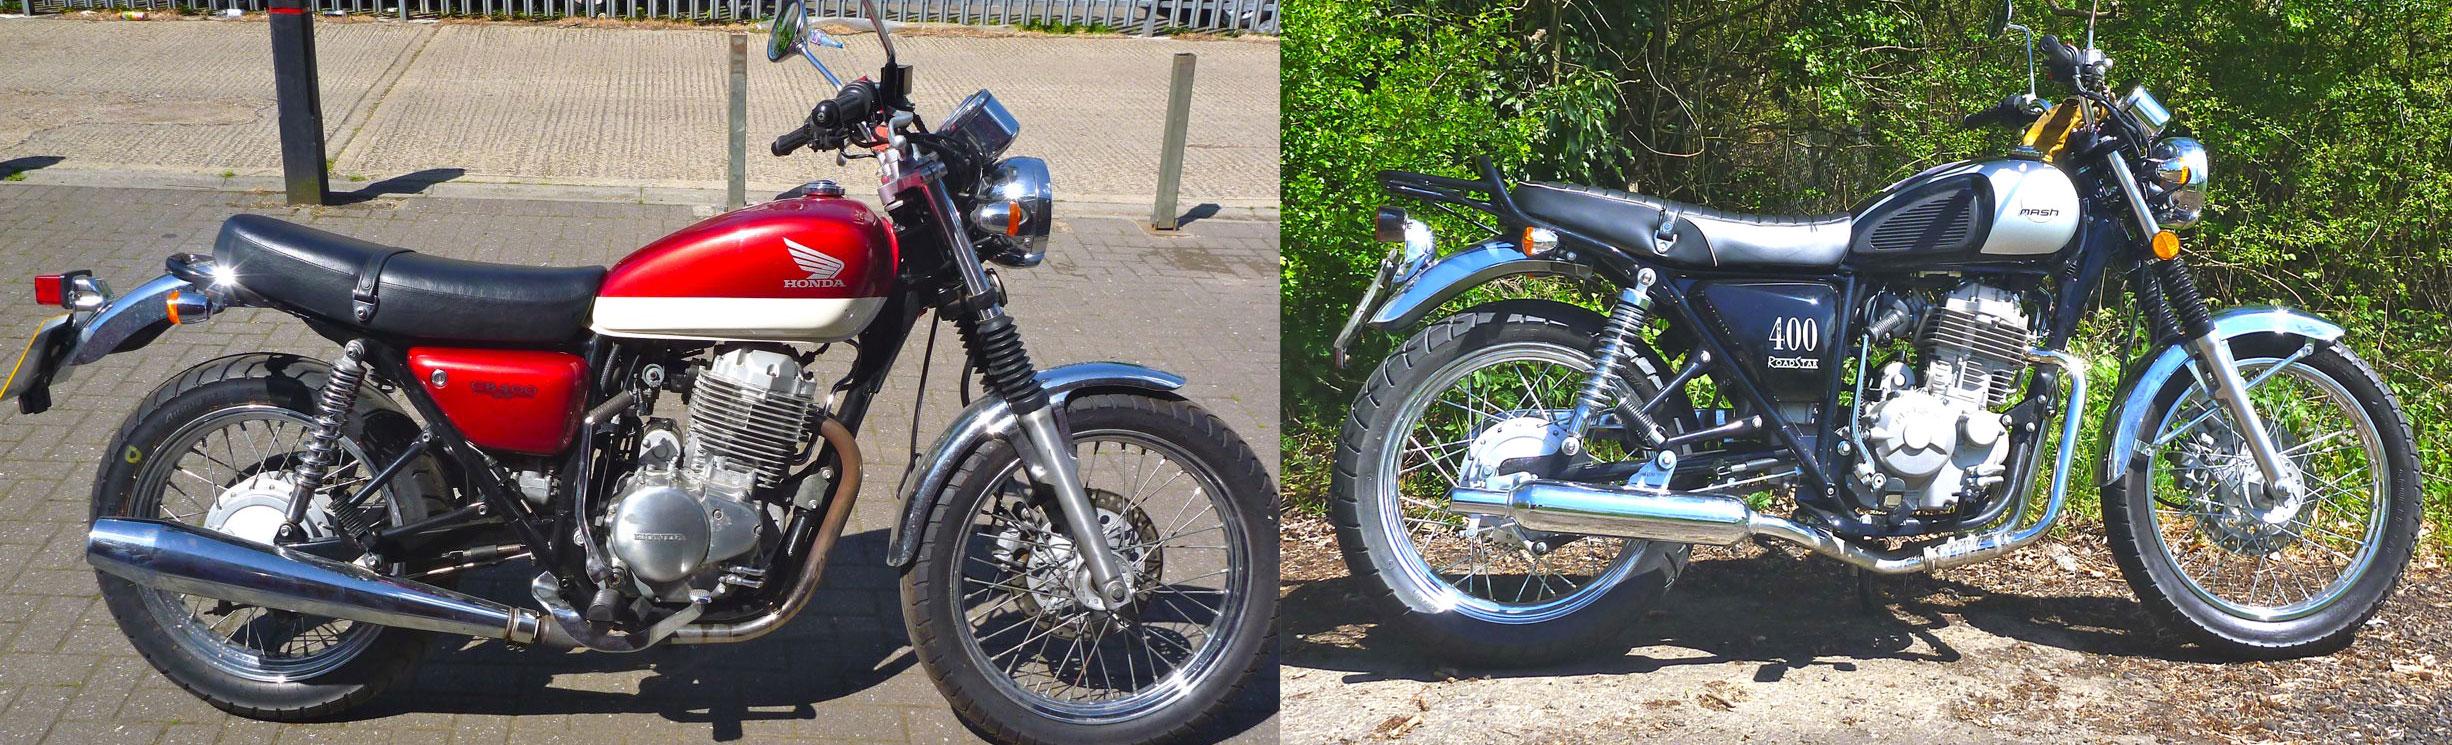 Honda CB400 SS Quick Look